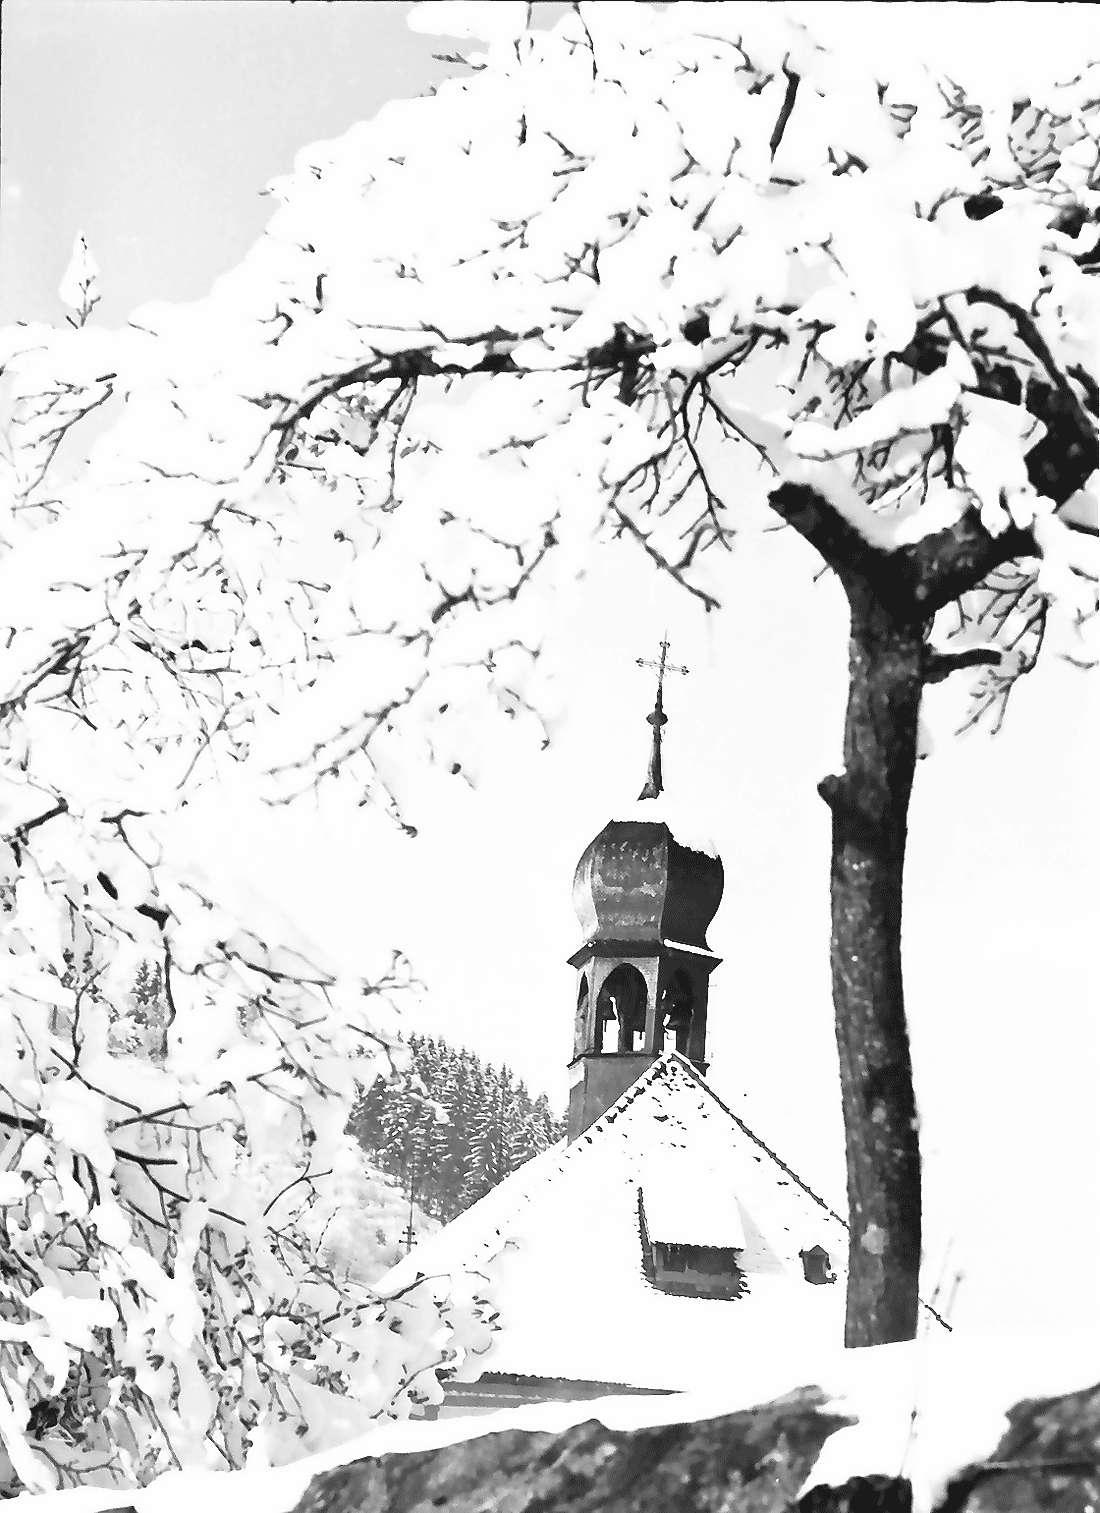 Oberried: Klostertürmchen hinter verschneitem Bäumchen, Bild 1